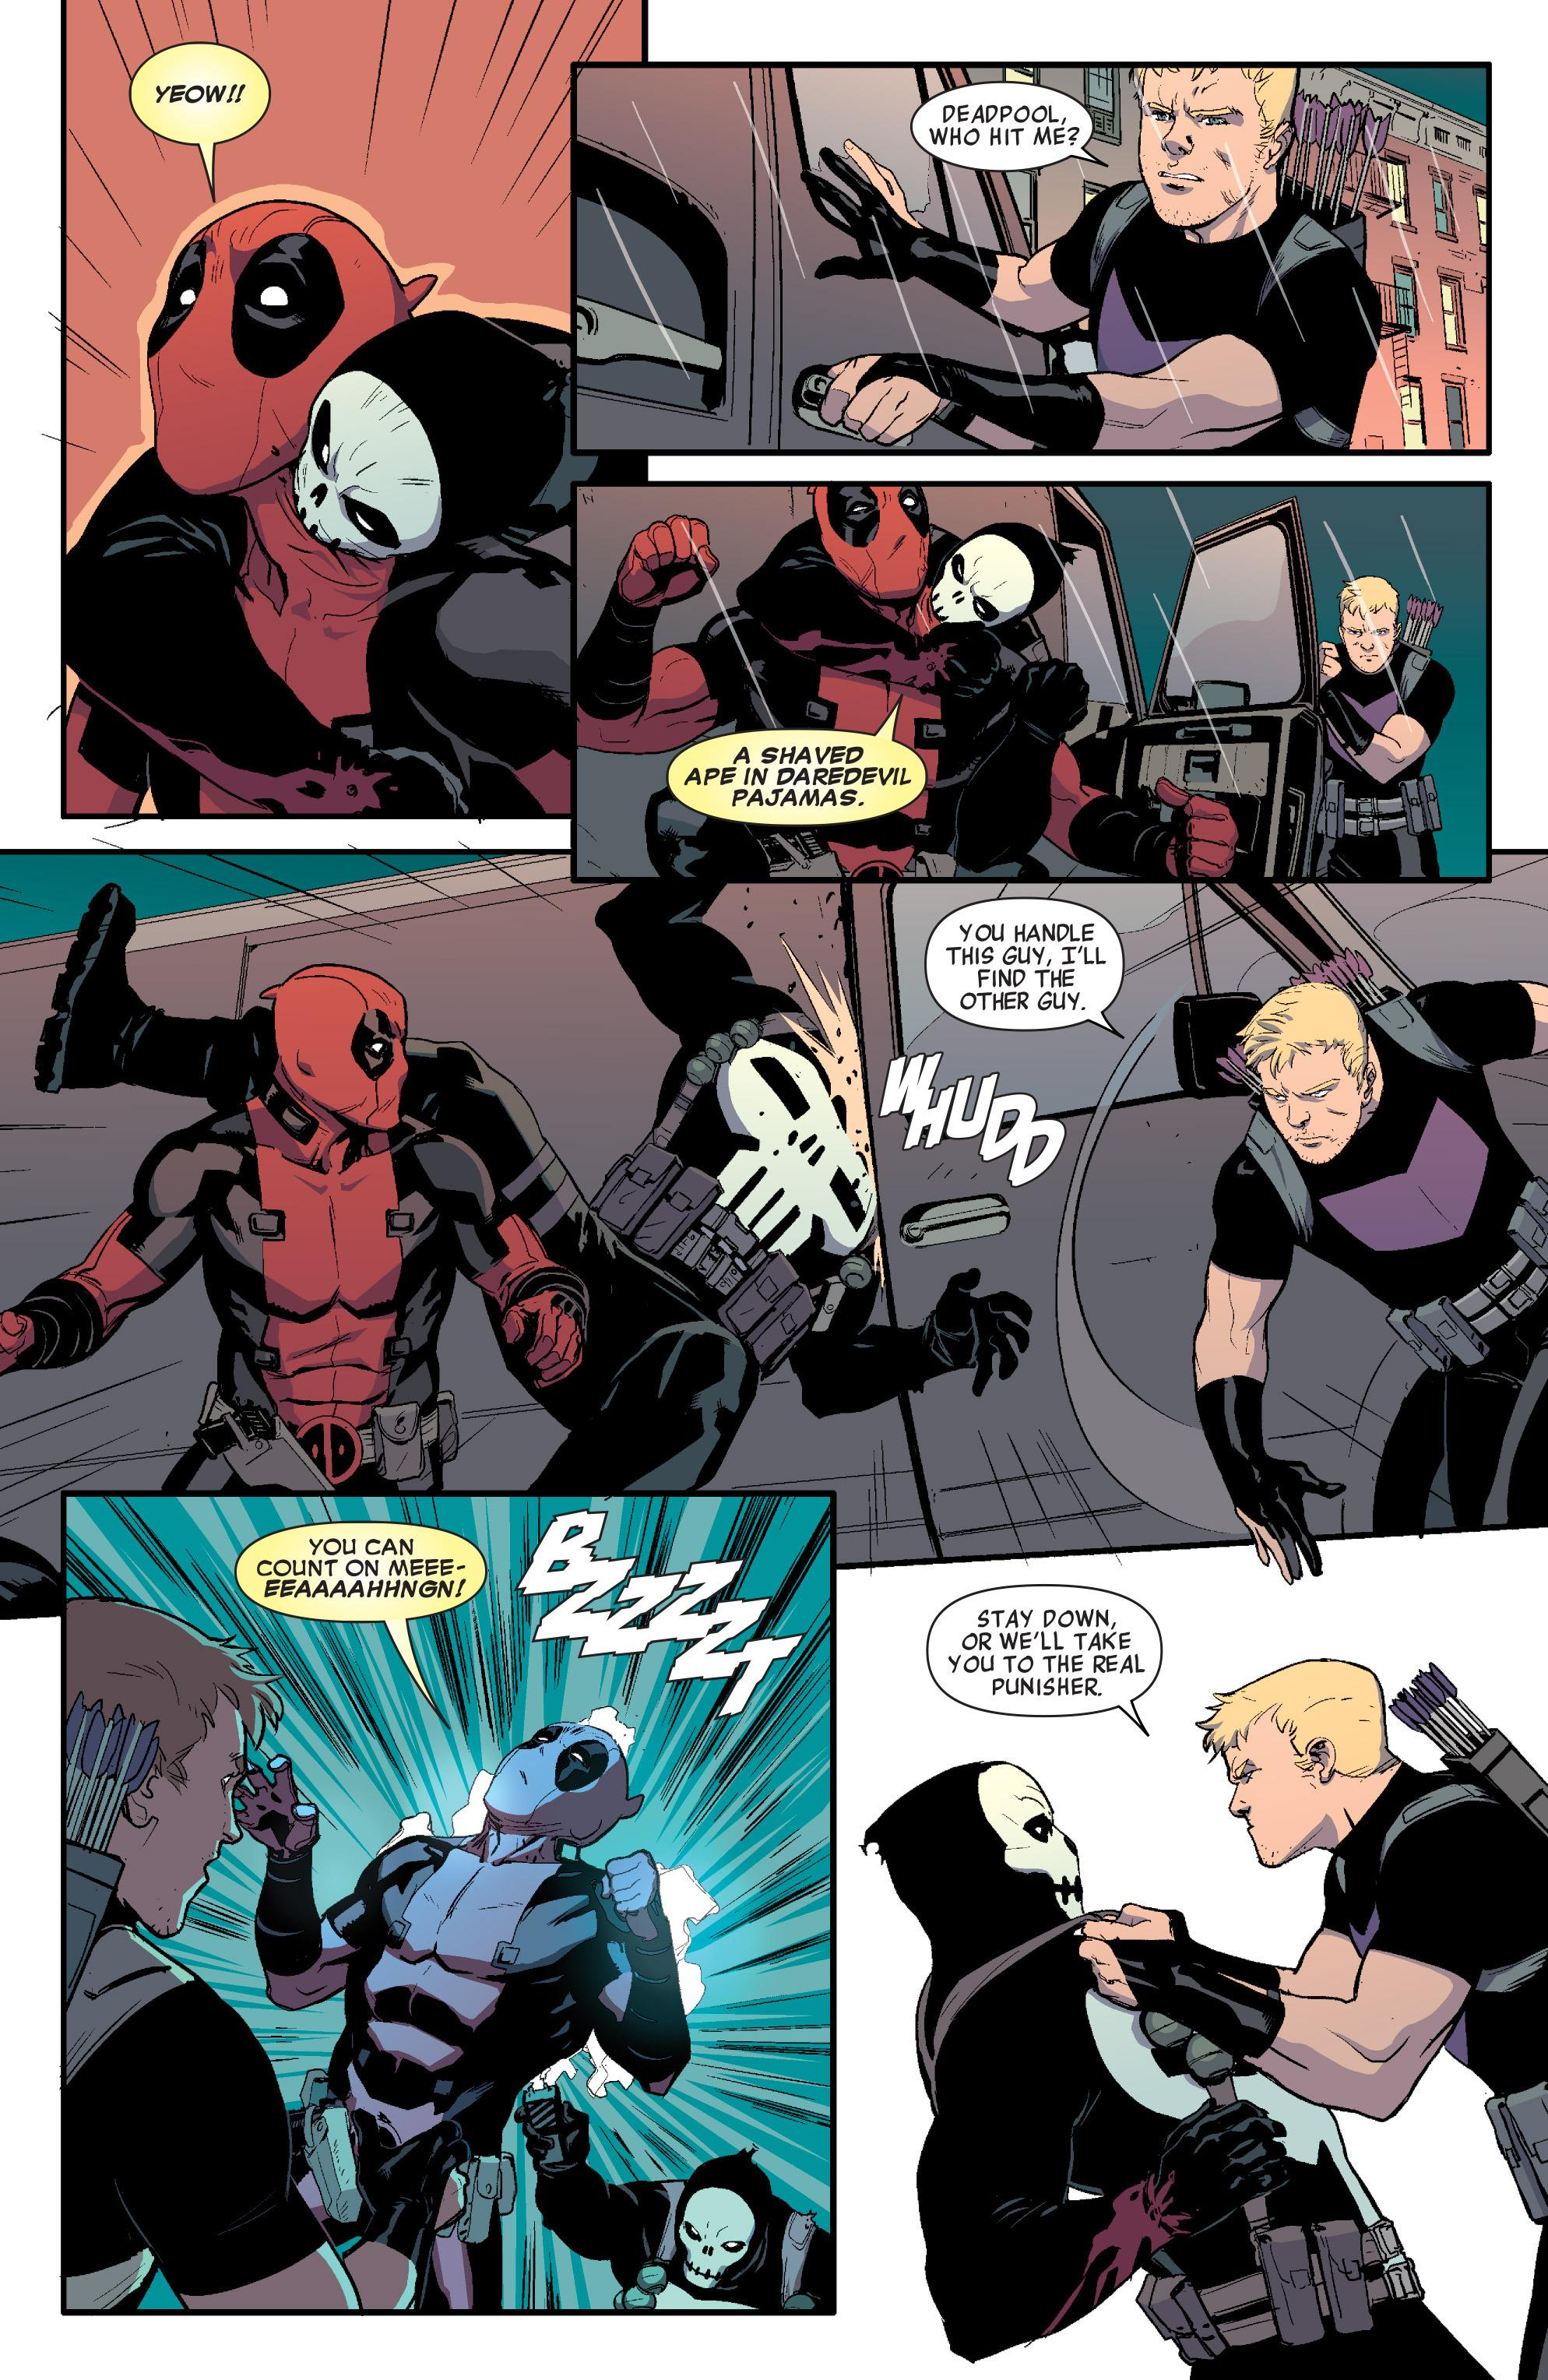 Hawkeye vs. Deadpool review